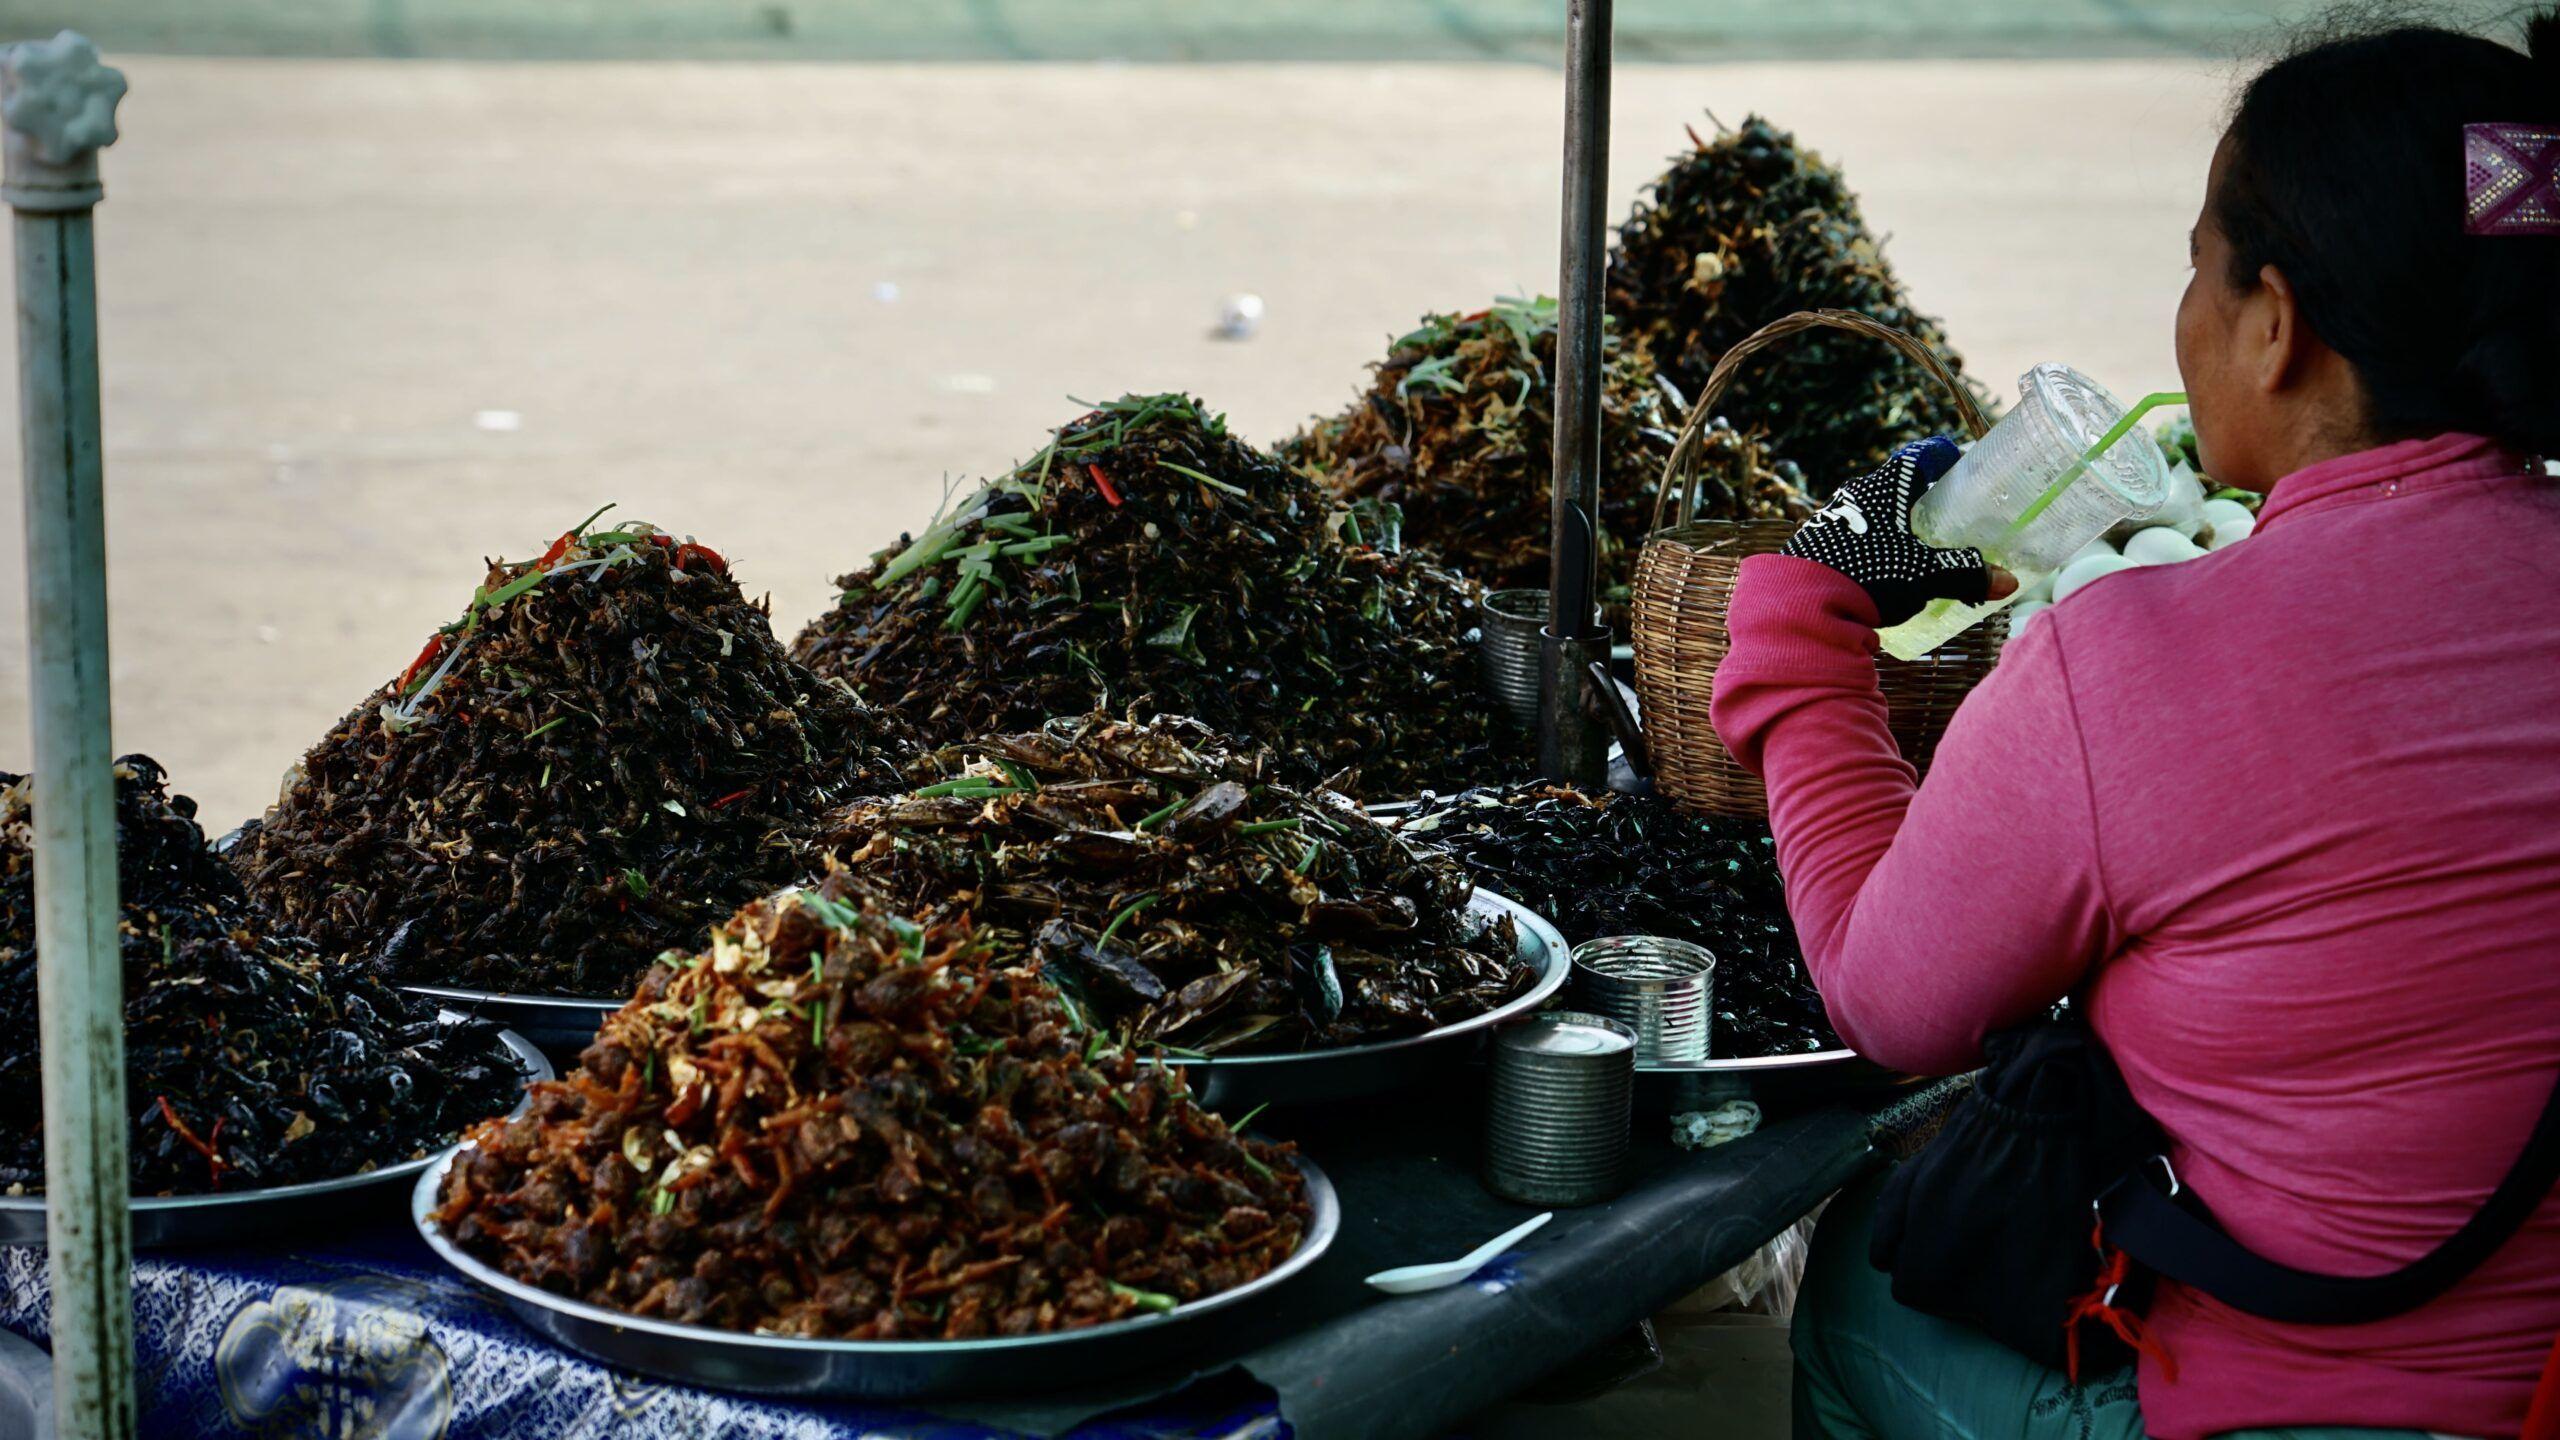 Skorpione, Spinnen und Insekten auf Skun Spider Market, Kambodscha